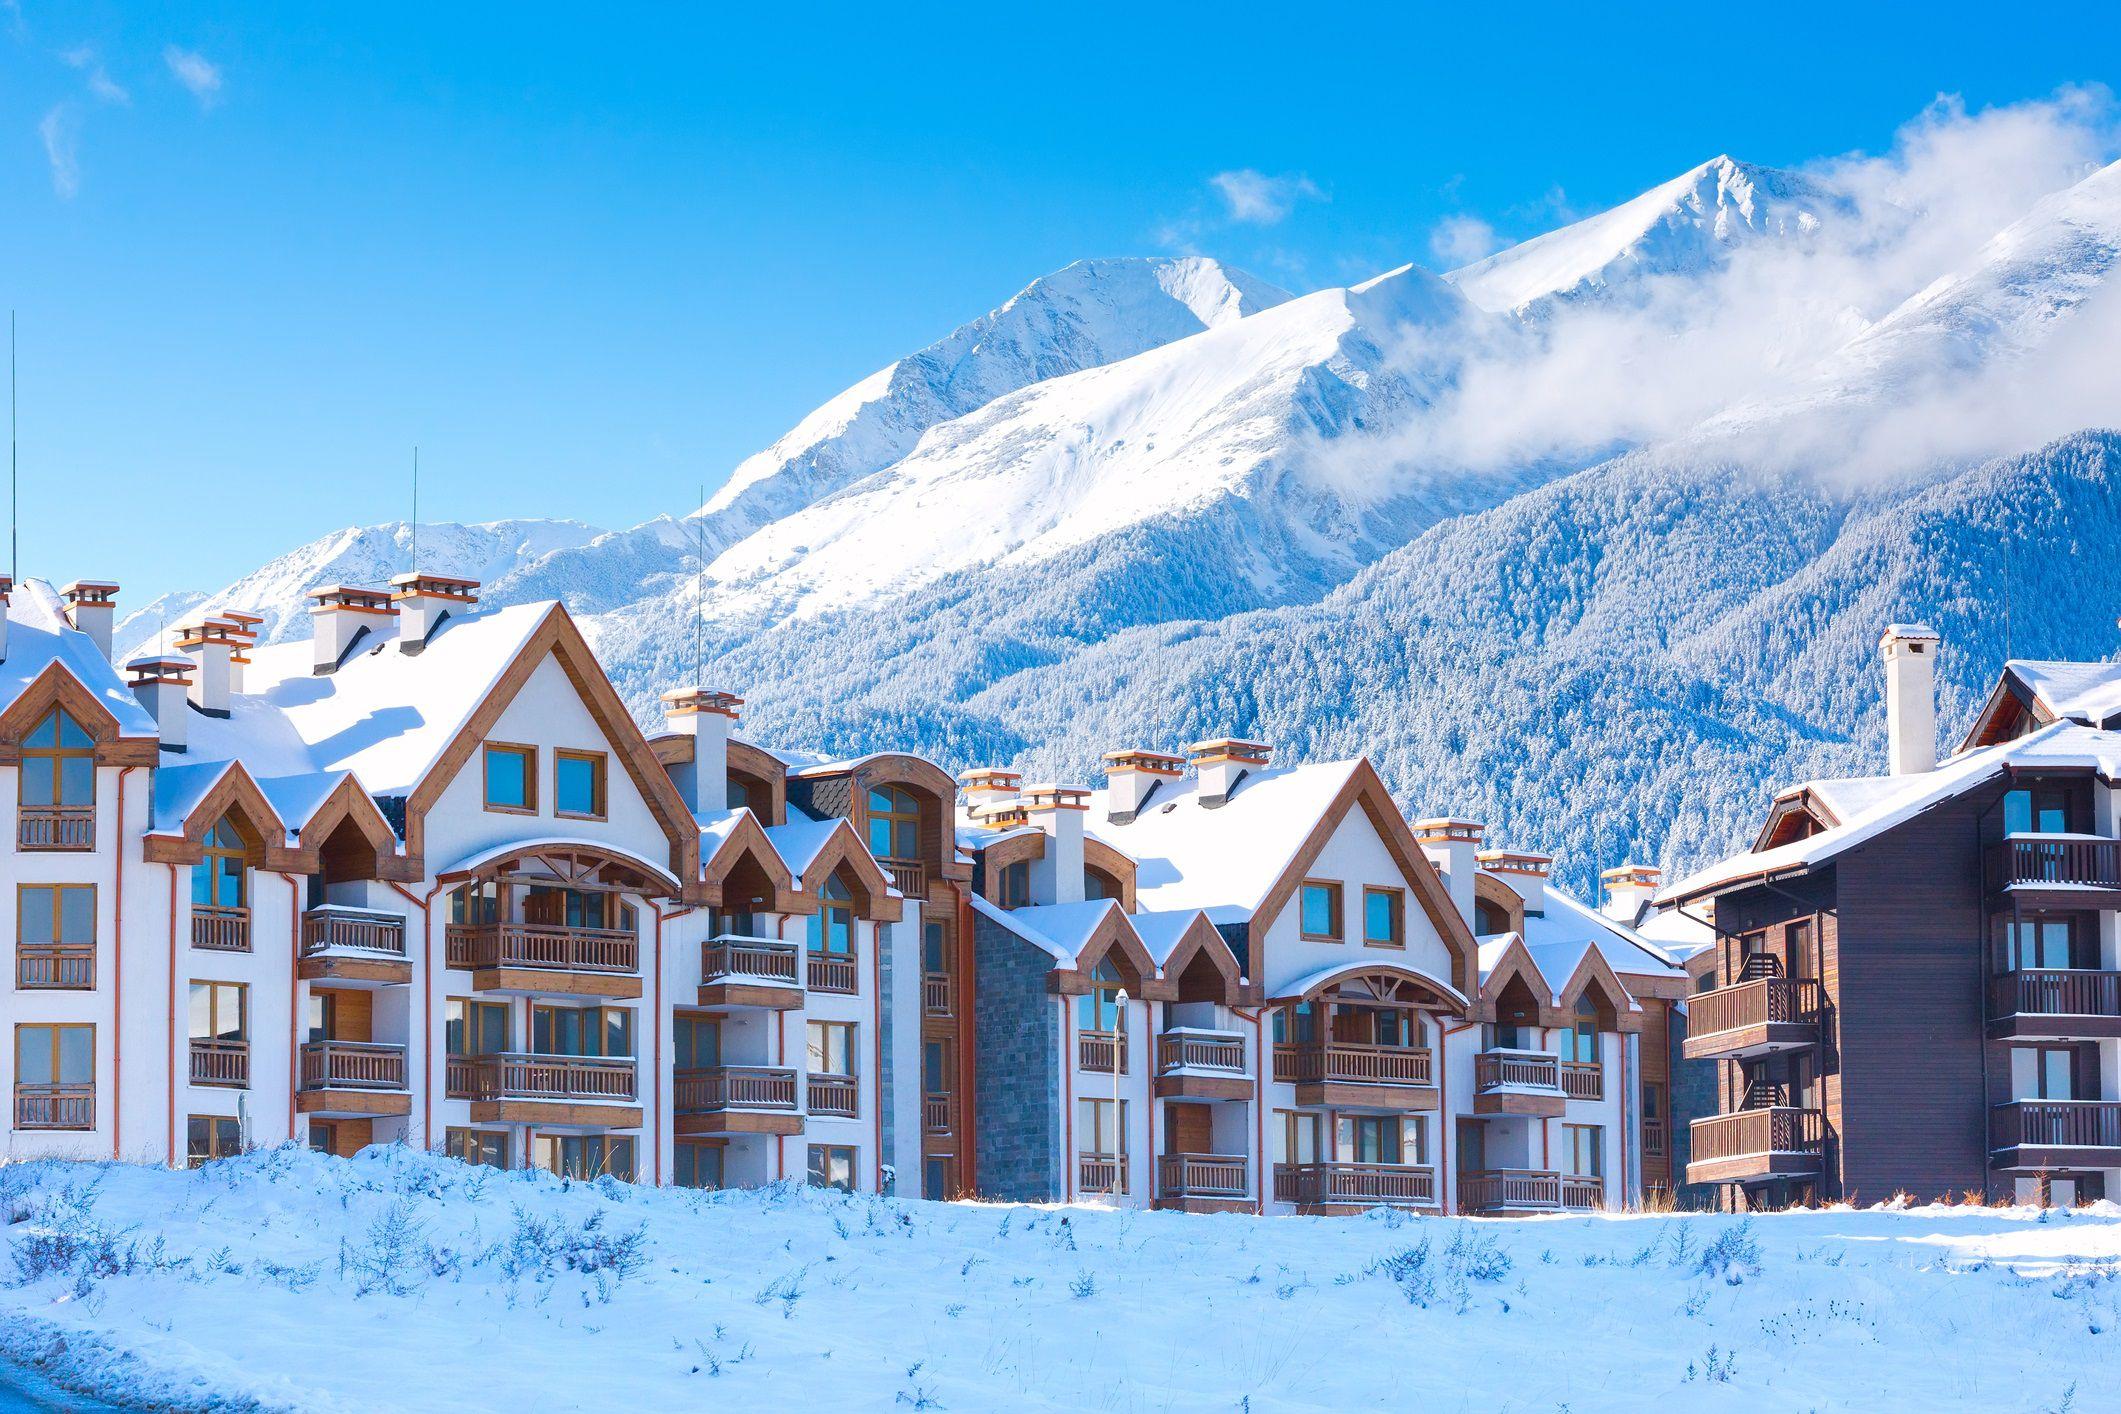 Μπάνσκο: Το καλύτερο και πιο φθηνό μέρος για σκι